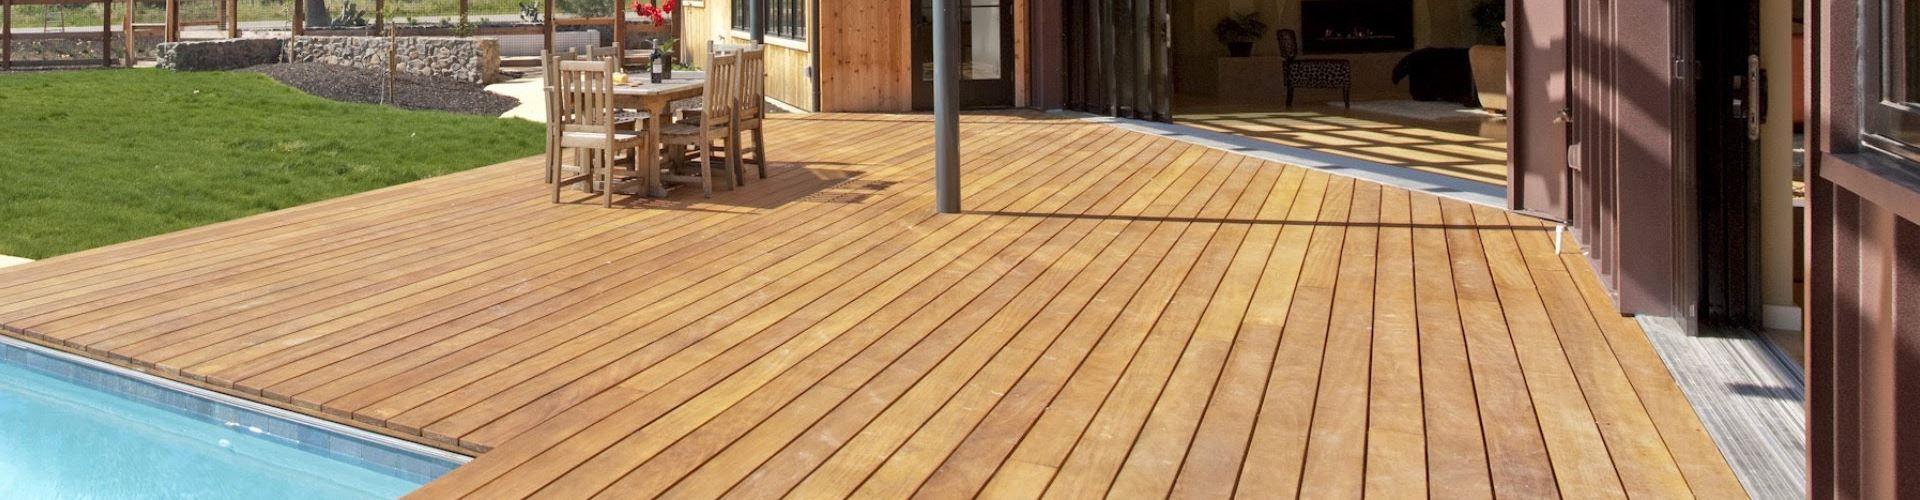 Terrassenrechner Für Terrassendielen Und Holzfliesen Terrasse